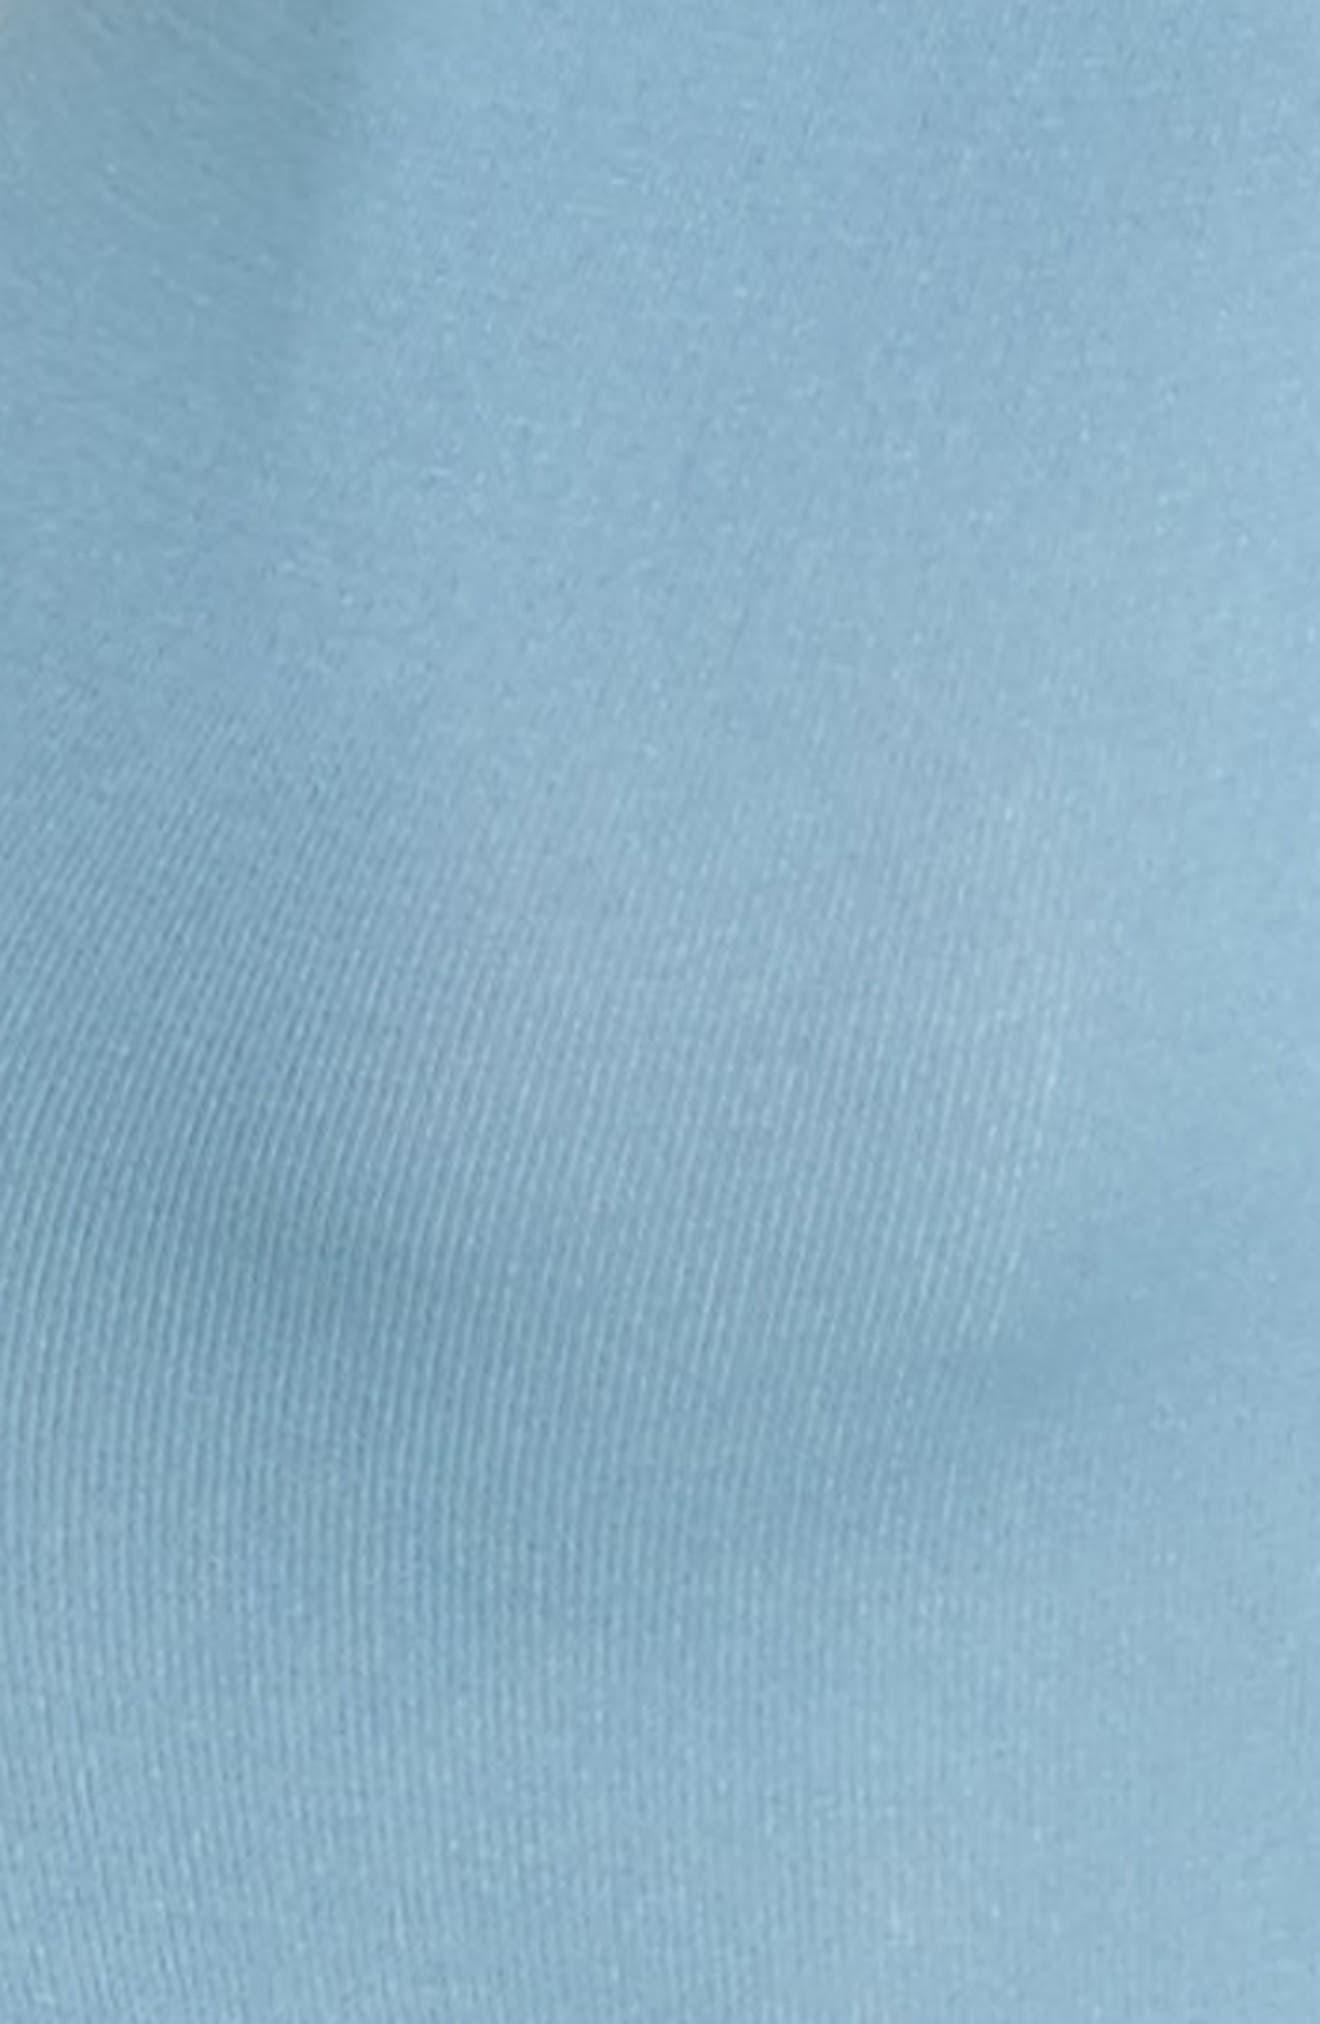 Velvet 66 Trouser Socks,                             Alternate thumbnail 2, color,                             Horizon